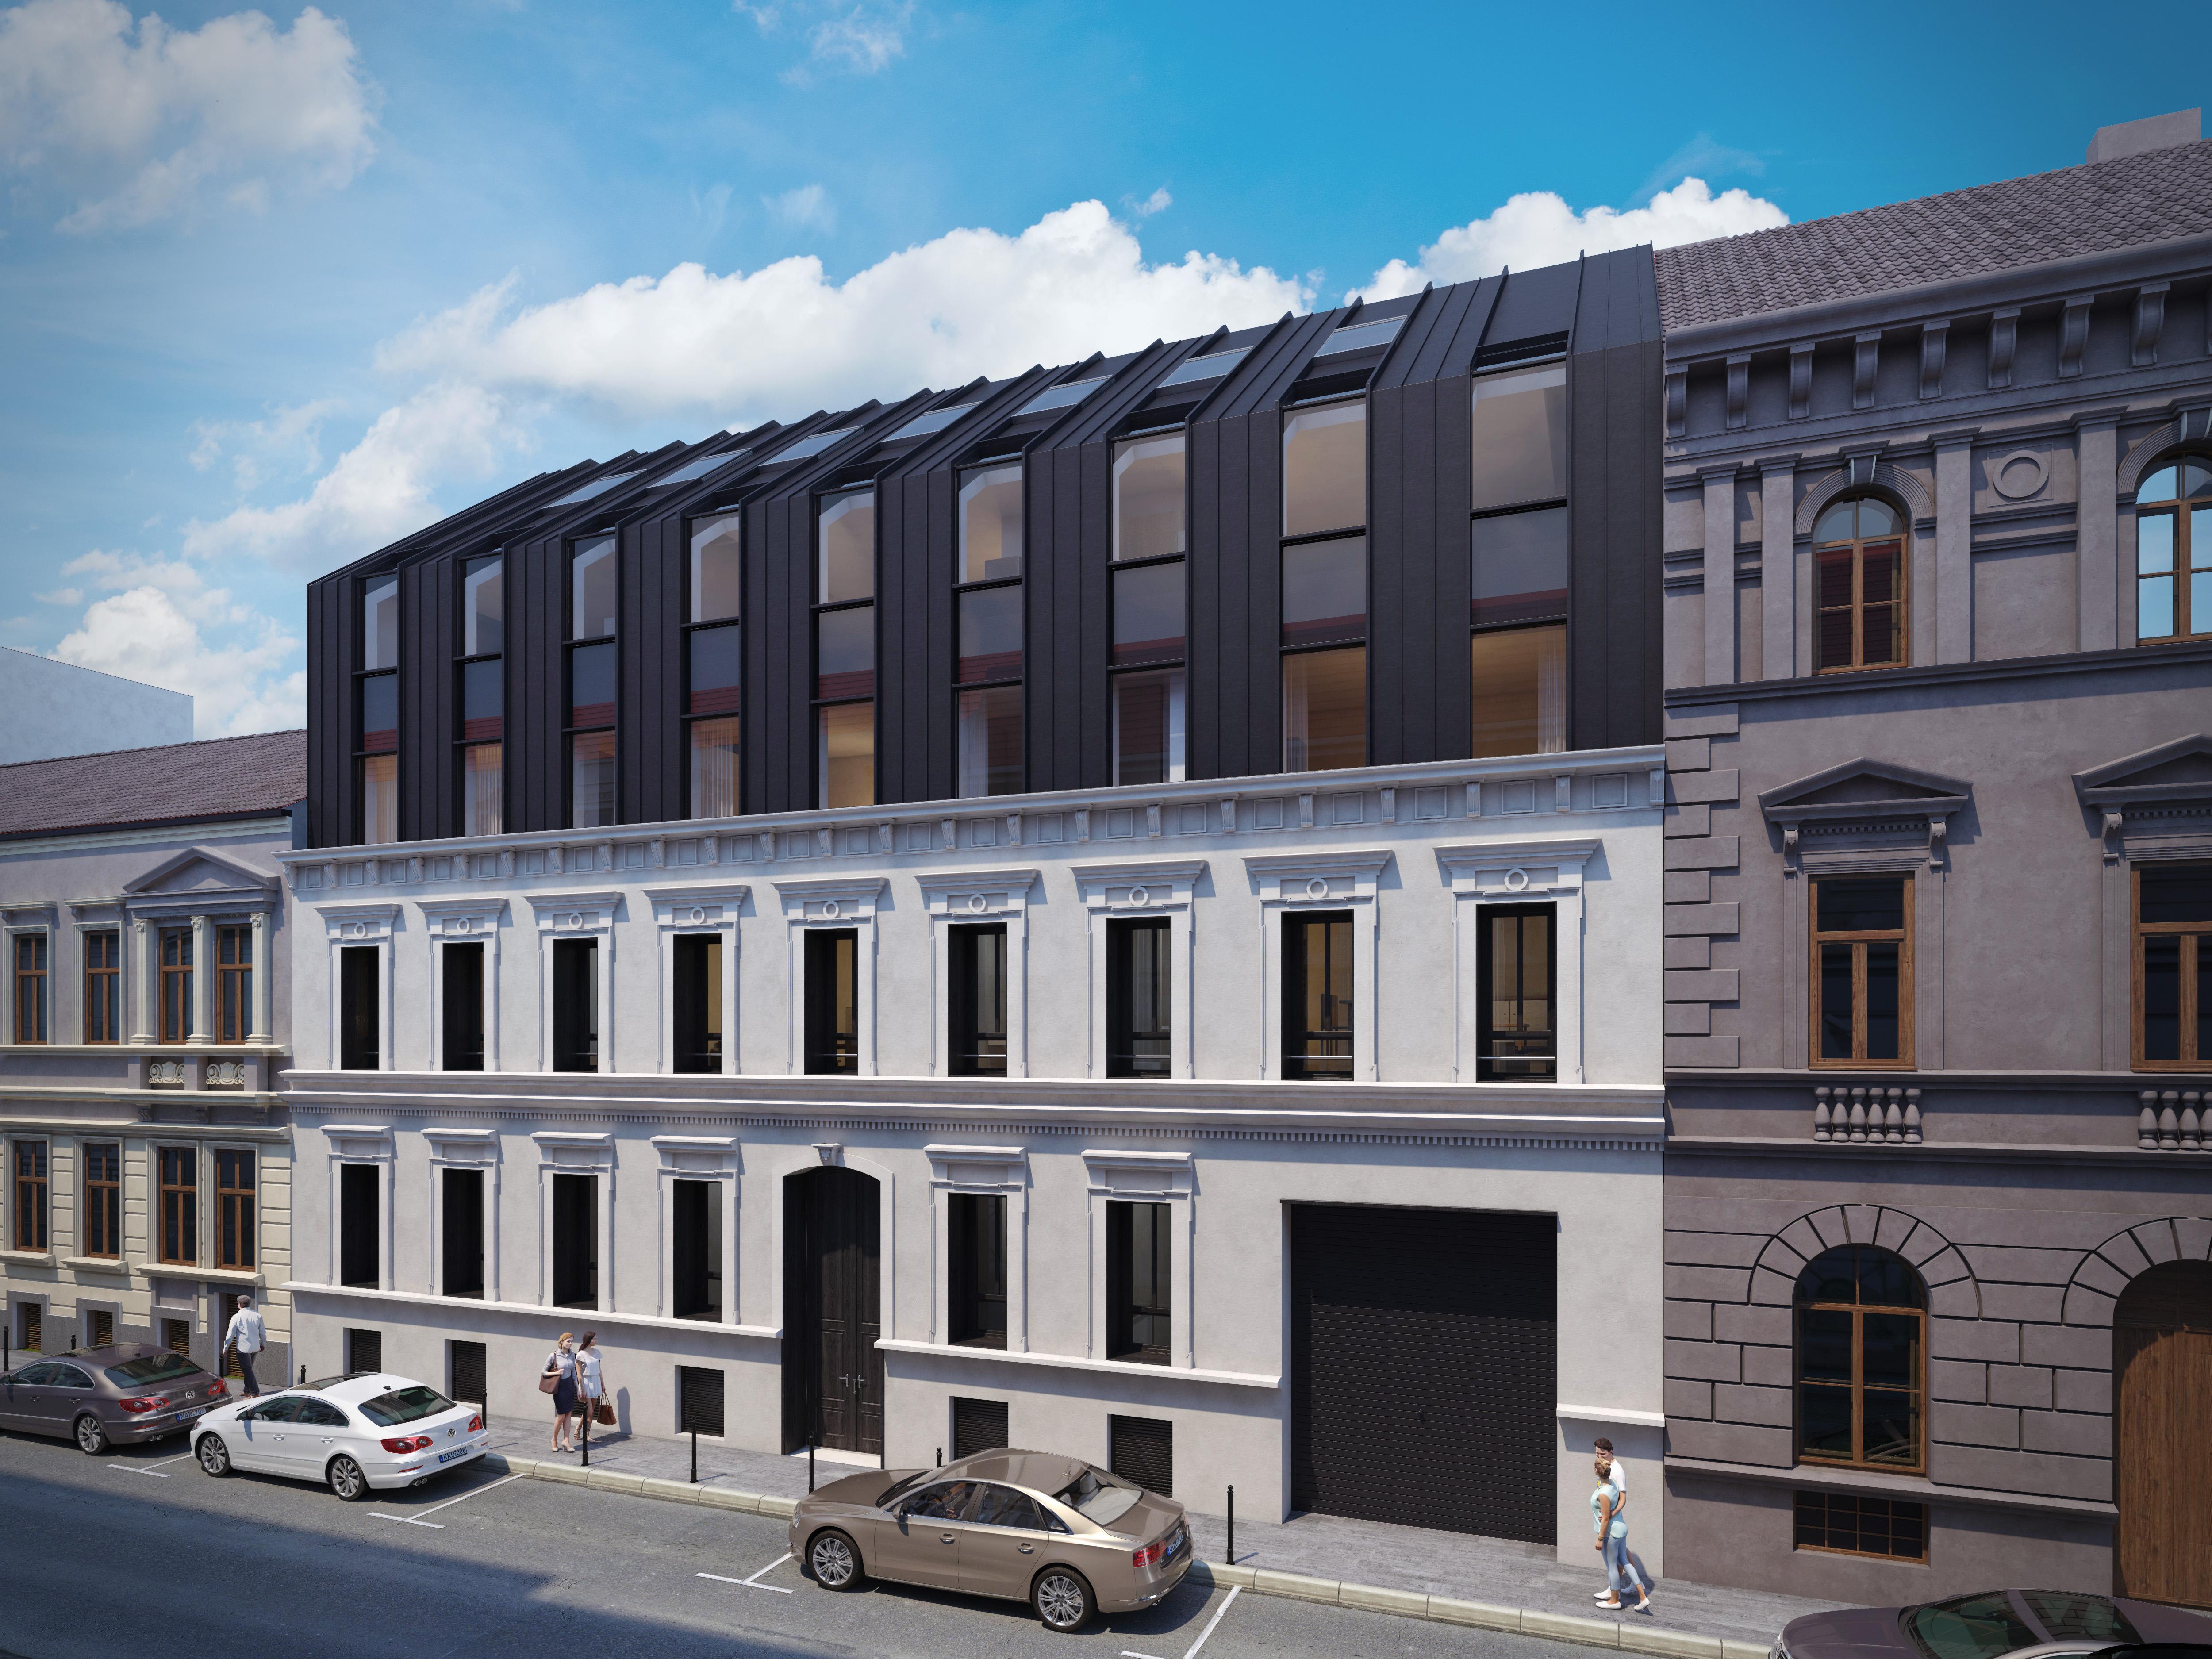 דירות למכירה בבודפשט בפרויקט יפהפה למשקיעים ישראלים